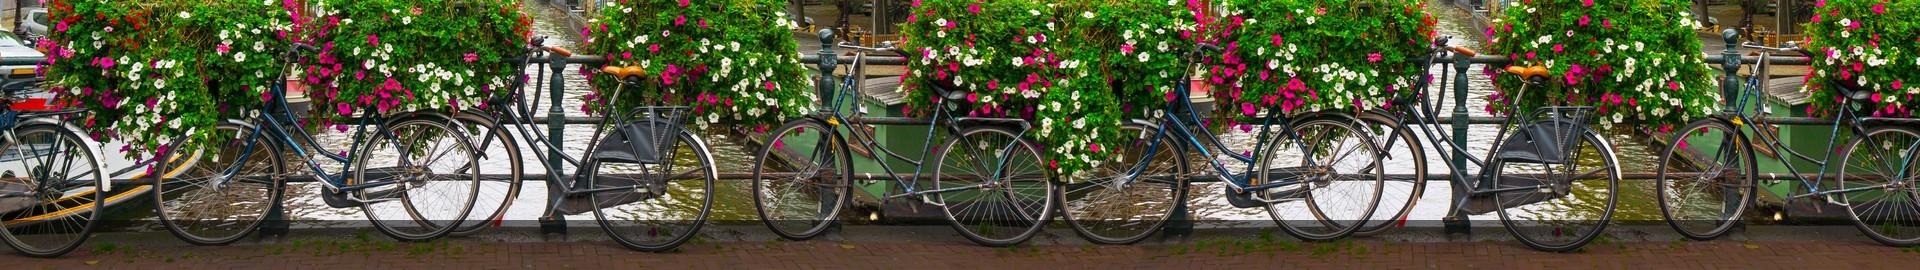 biuro tłumaczeń tłumaczenia rowery panorama